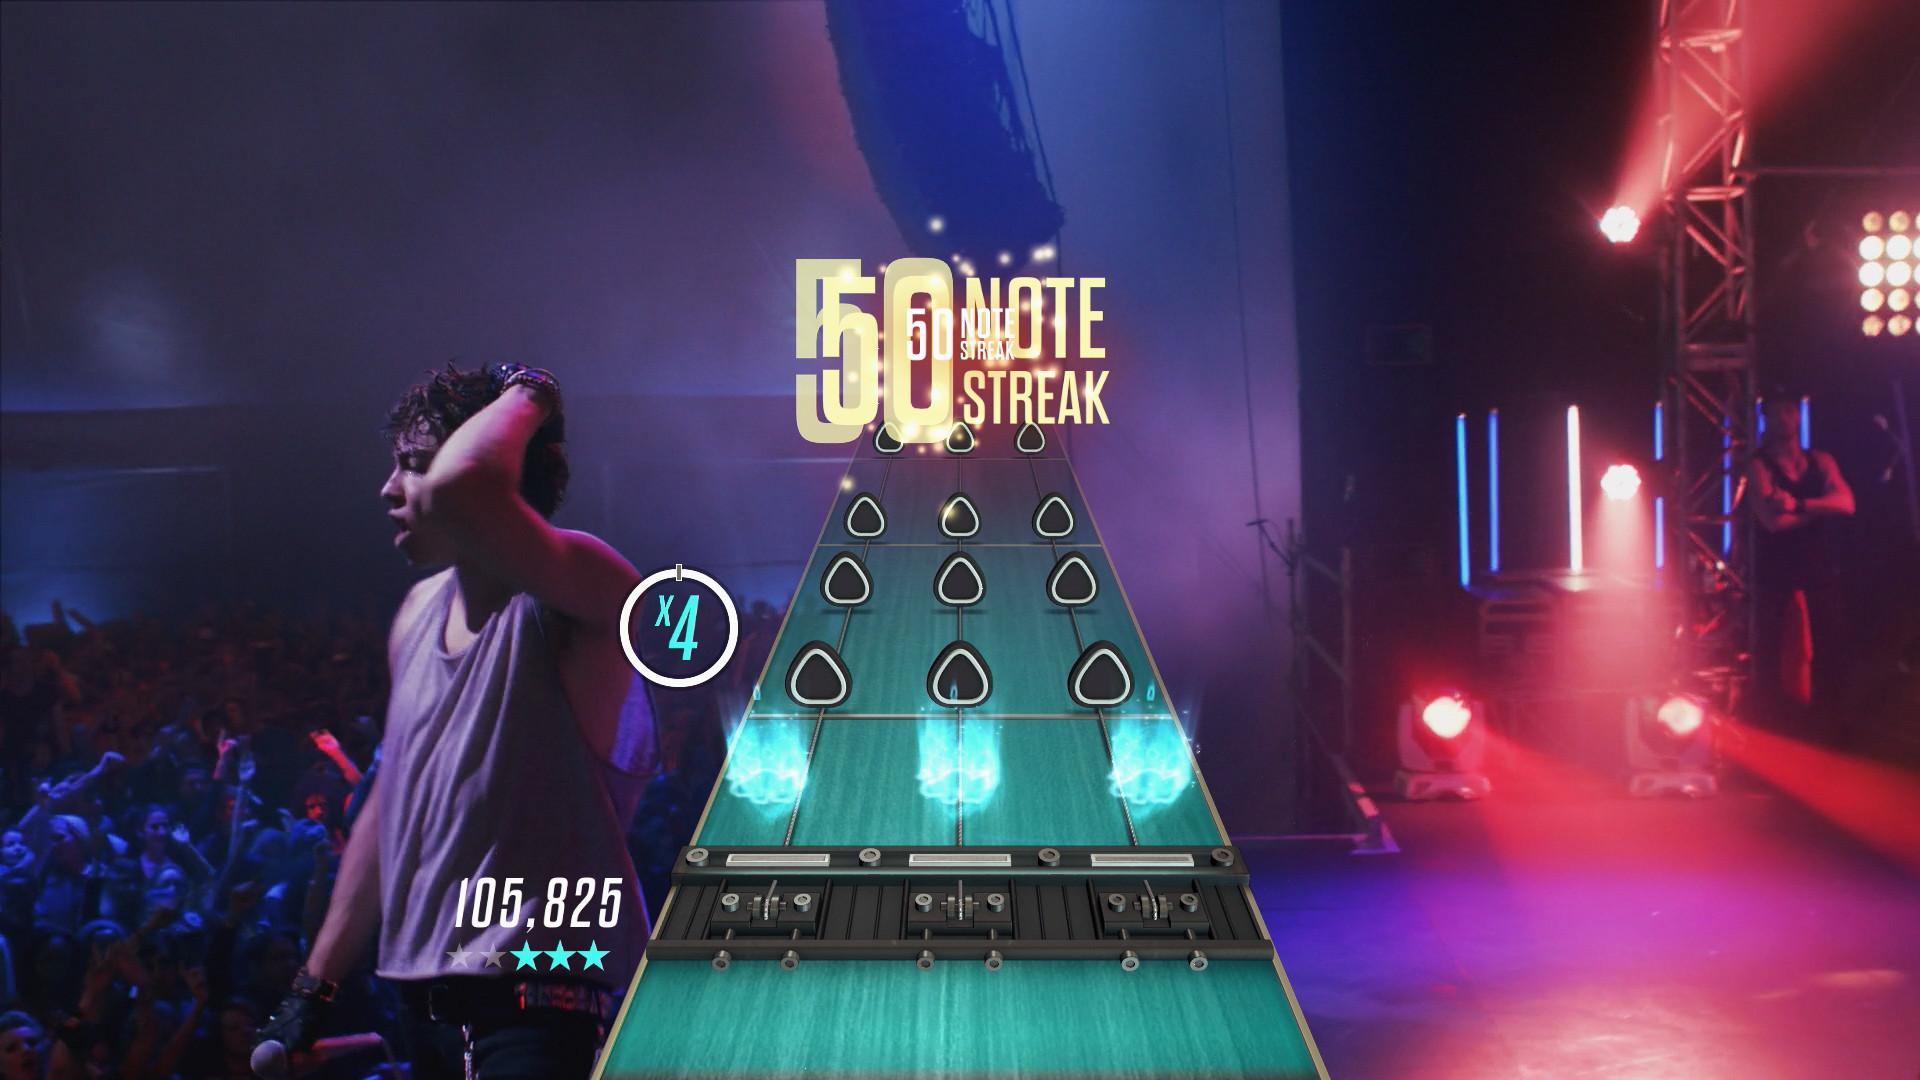 50noteStreakGuitarHeroLive Guitar Hero Live Preview Guitar Hero Live Preview 50noteStreakGuitarHeroLive